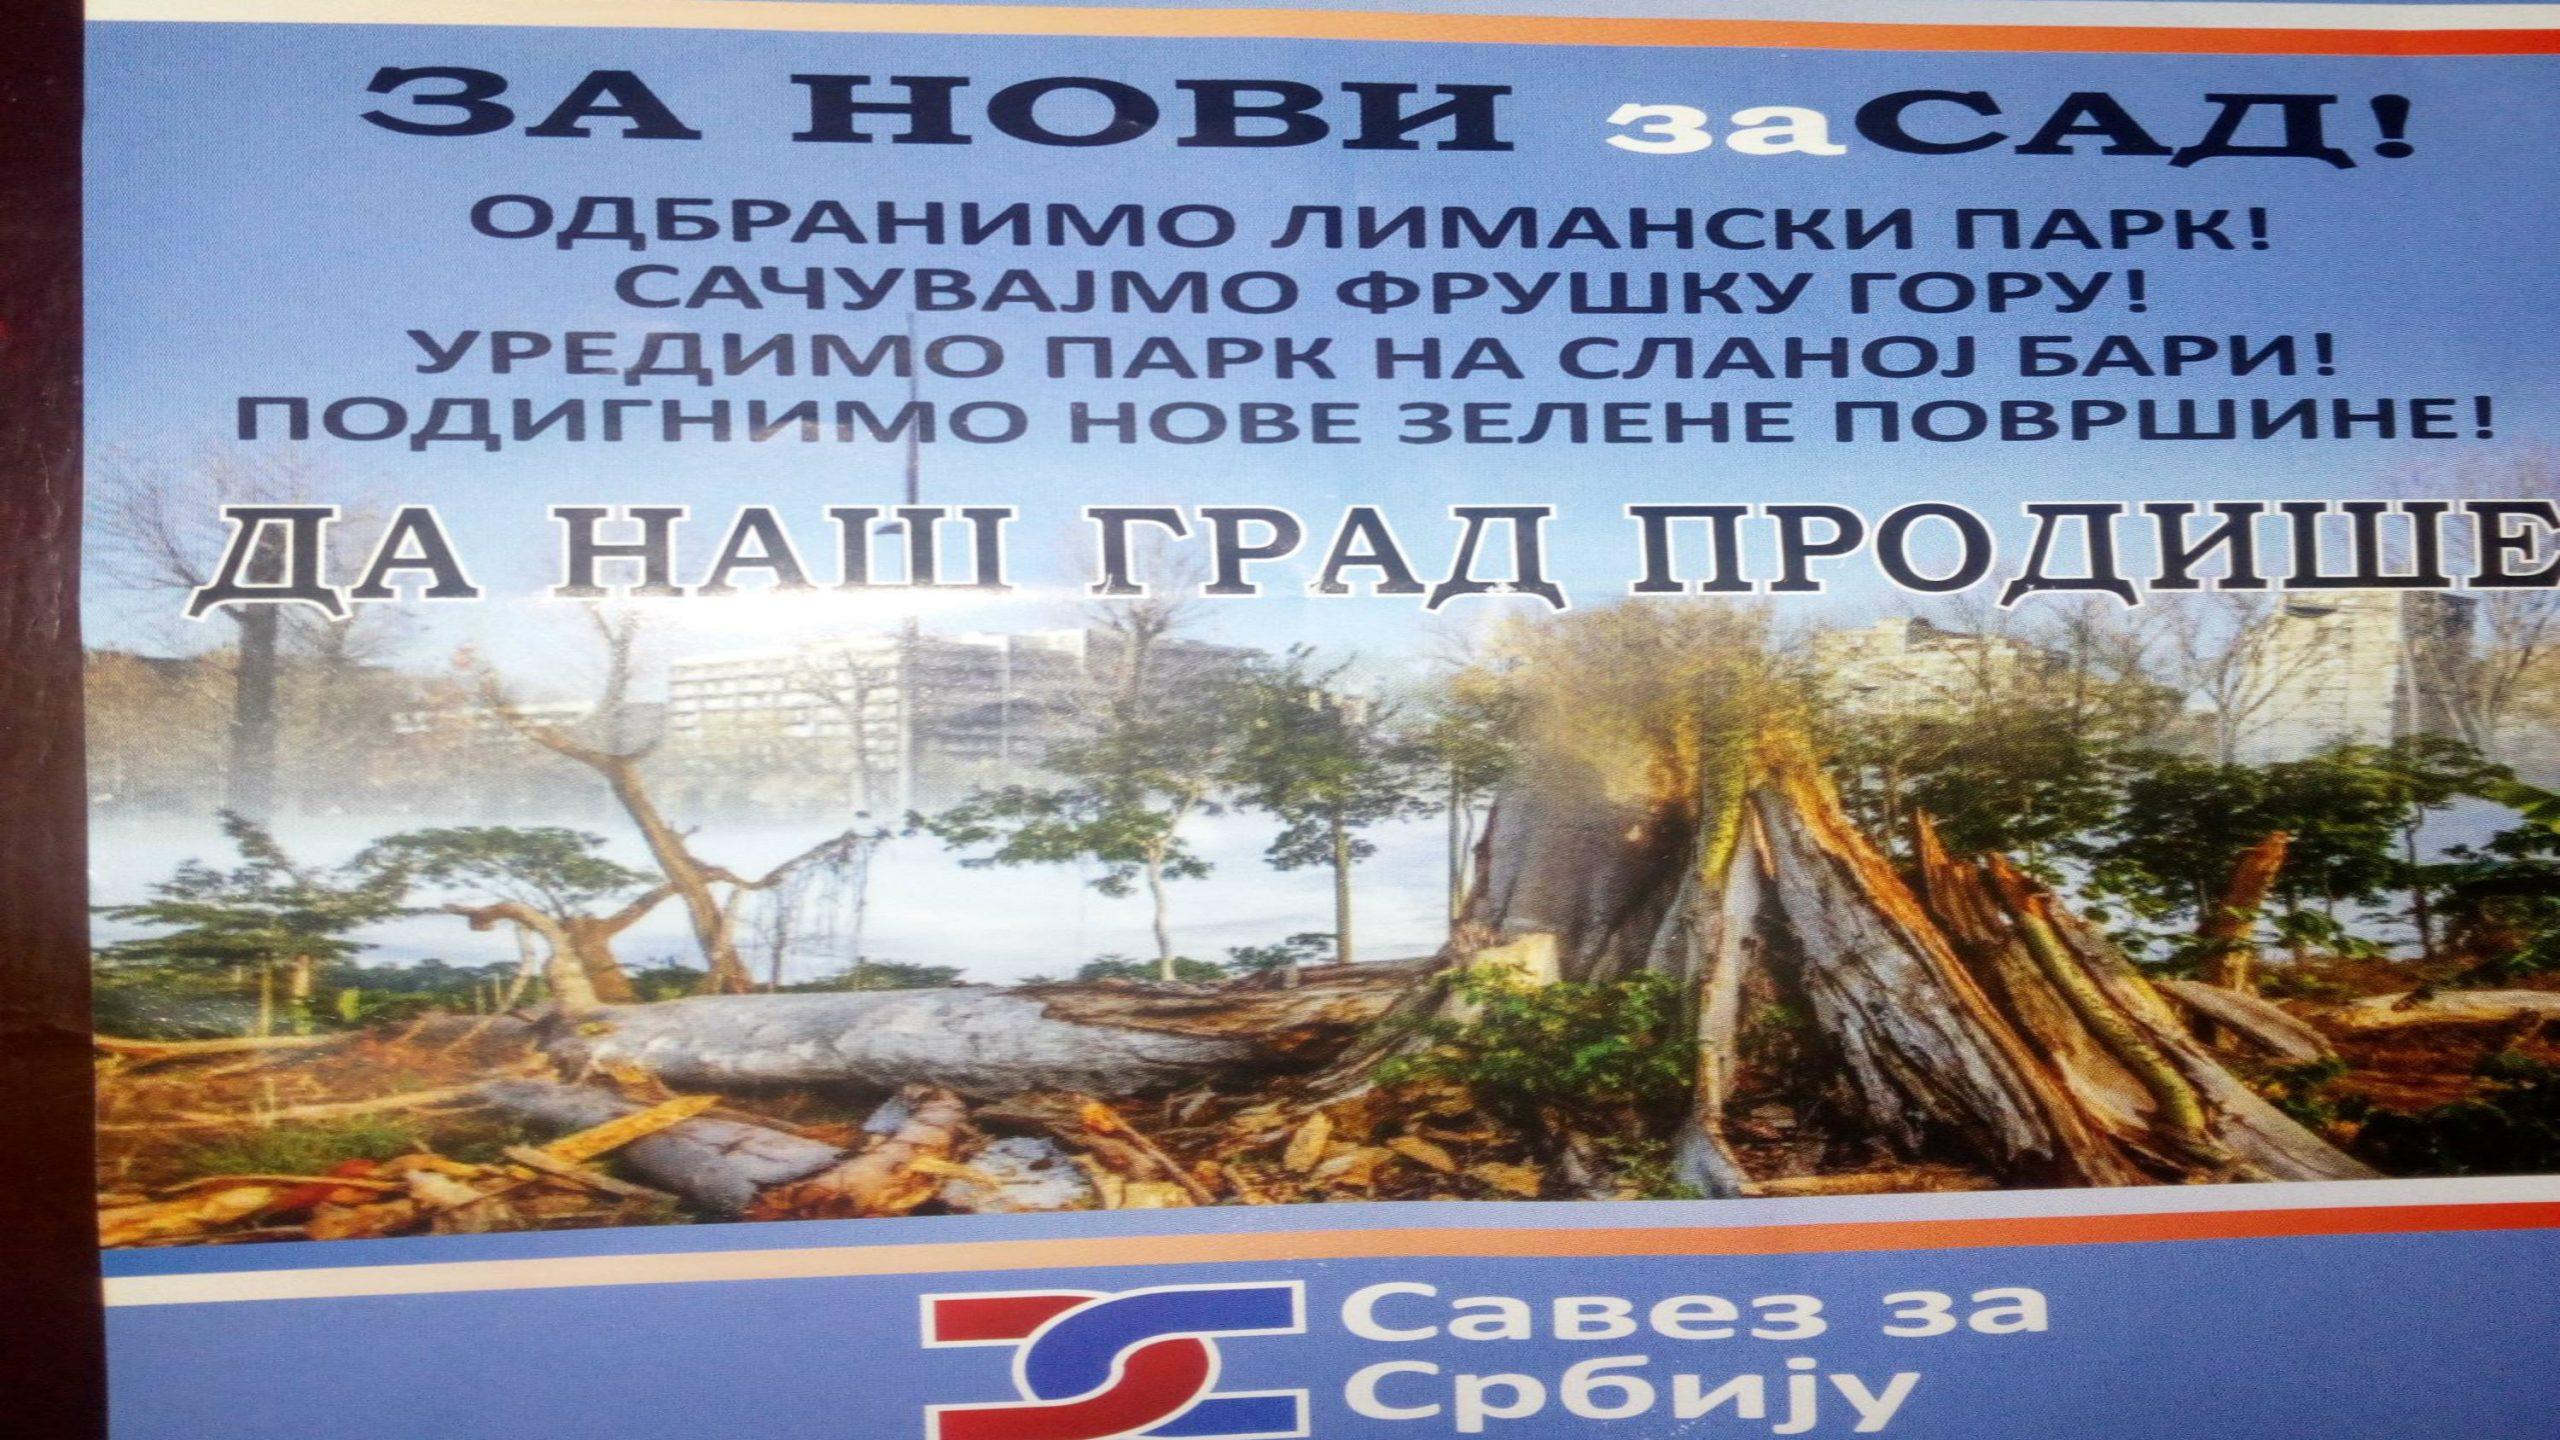 Protest u Novom Sadu zbog gradnje u Limanskom parku 1